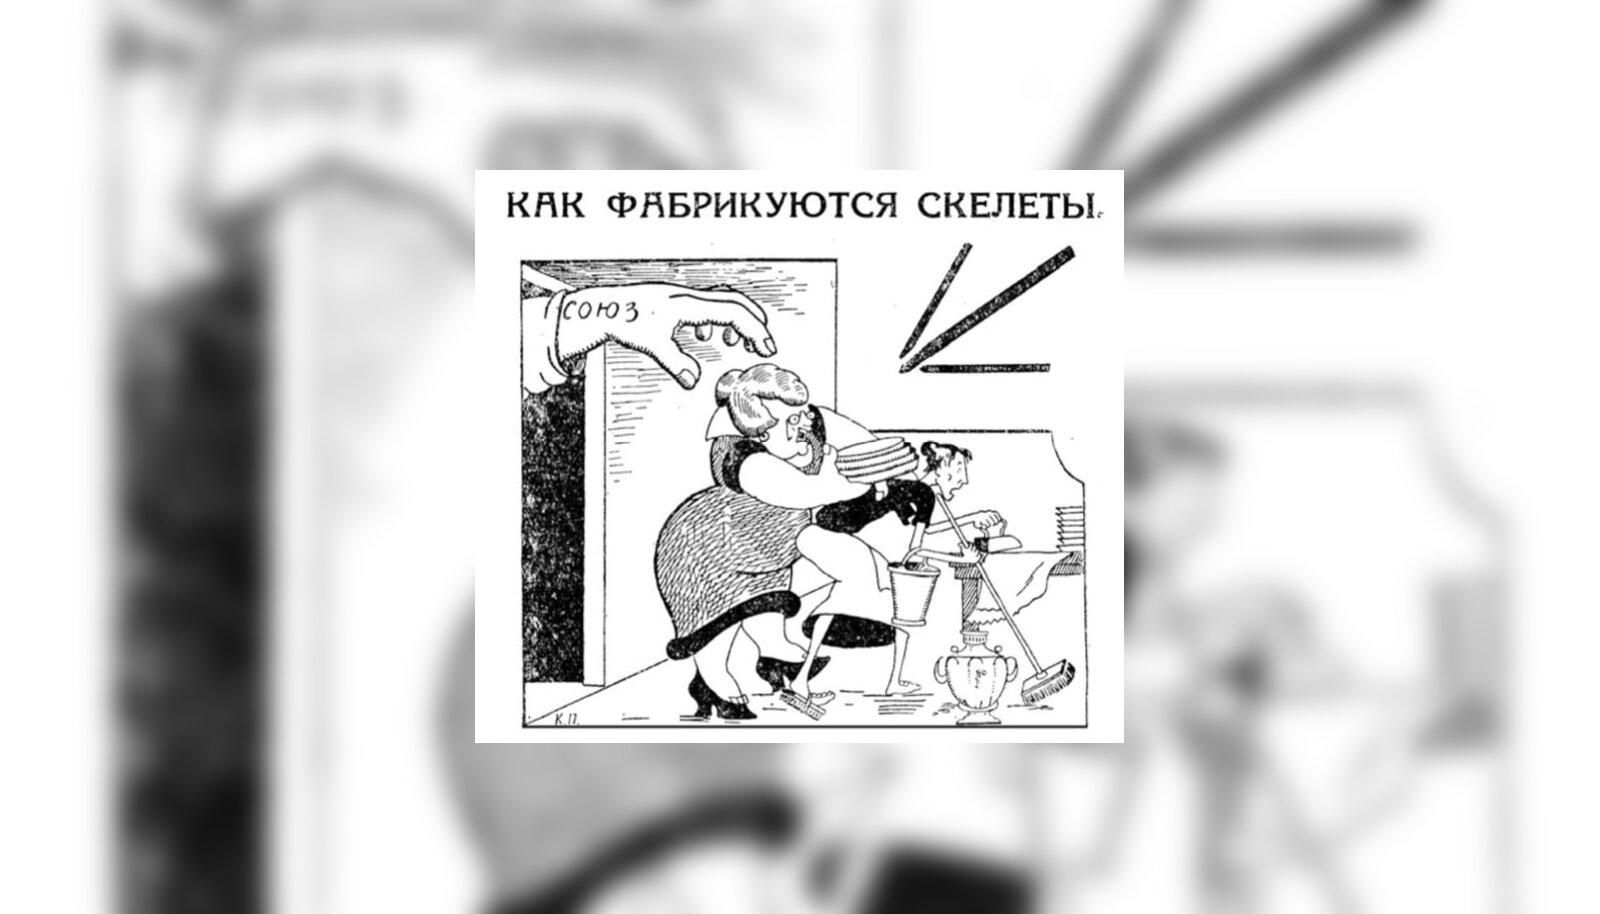 Ajaloolane: Nõukogude Liidus oli omaette teenijate ametiühing, kuhu kuulus sadu tuhandeid naisi